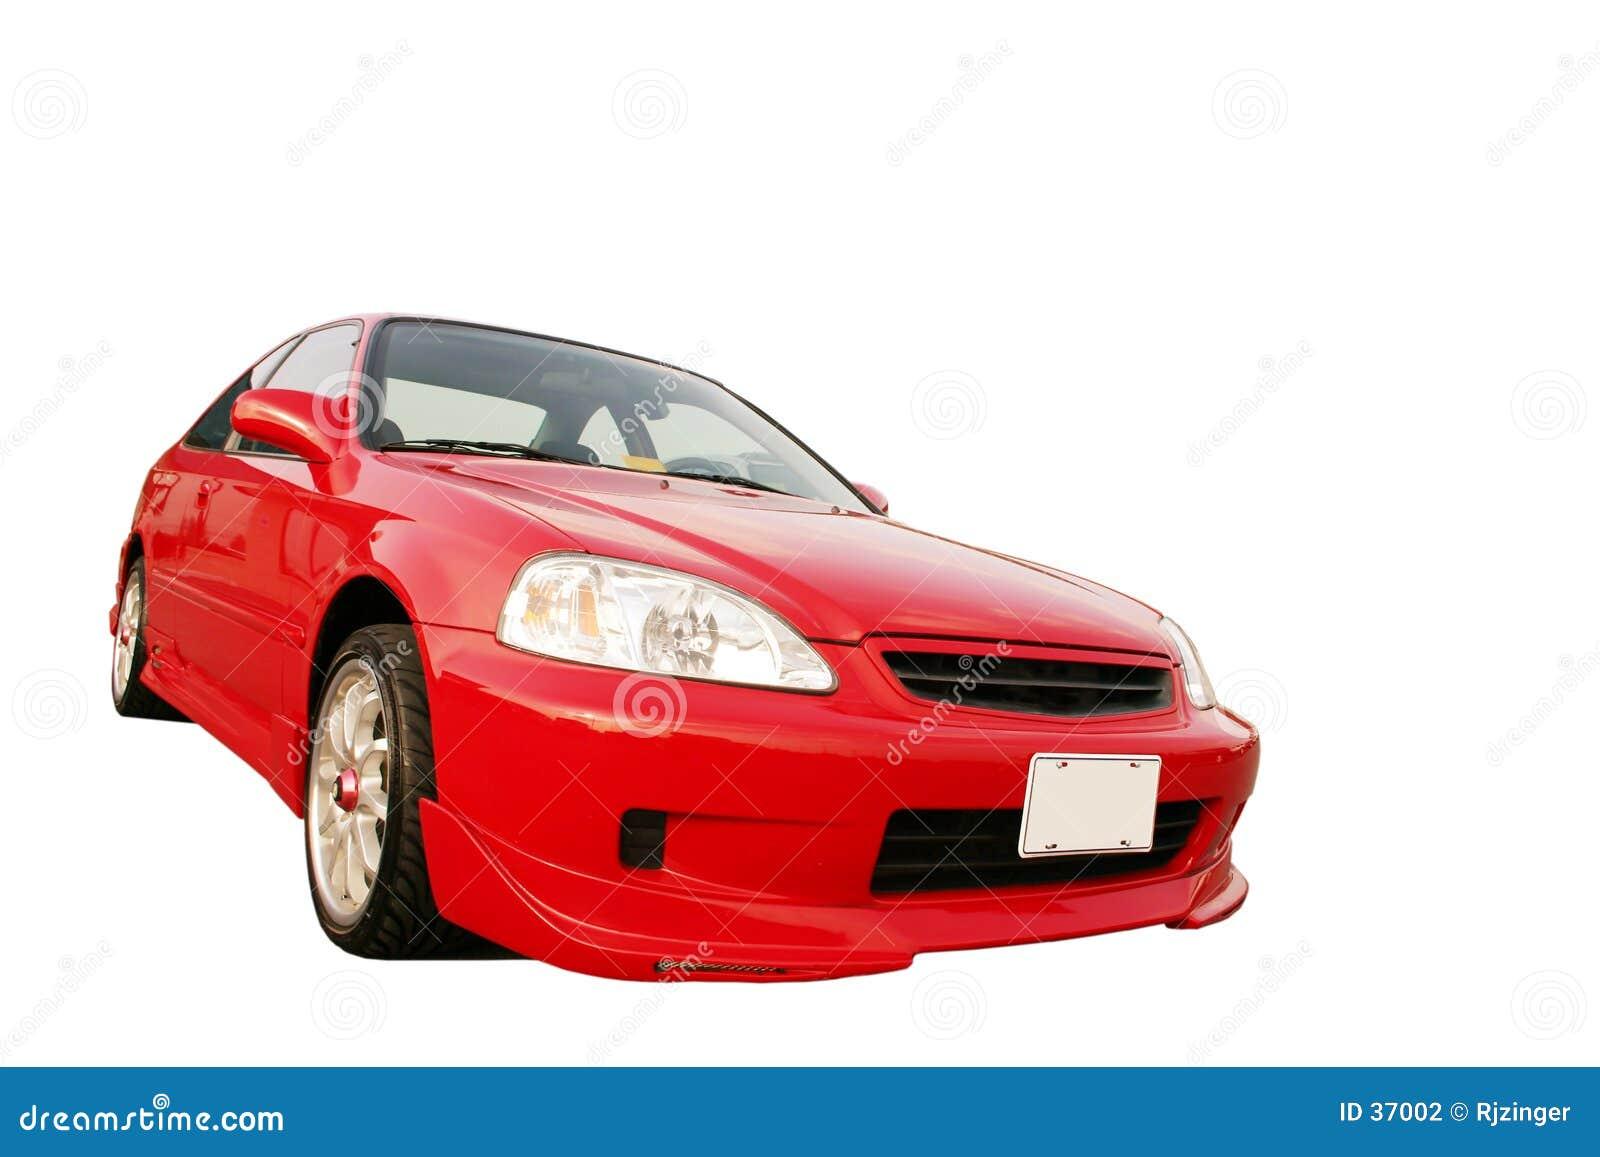 Honda Civic EX - Red 3